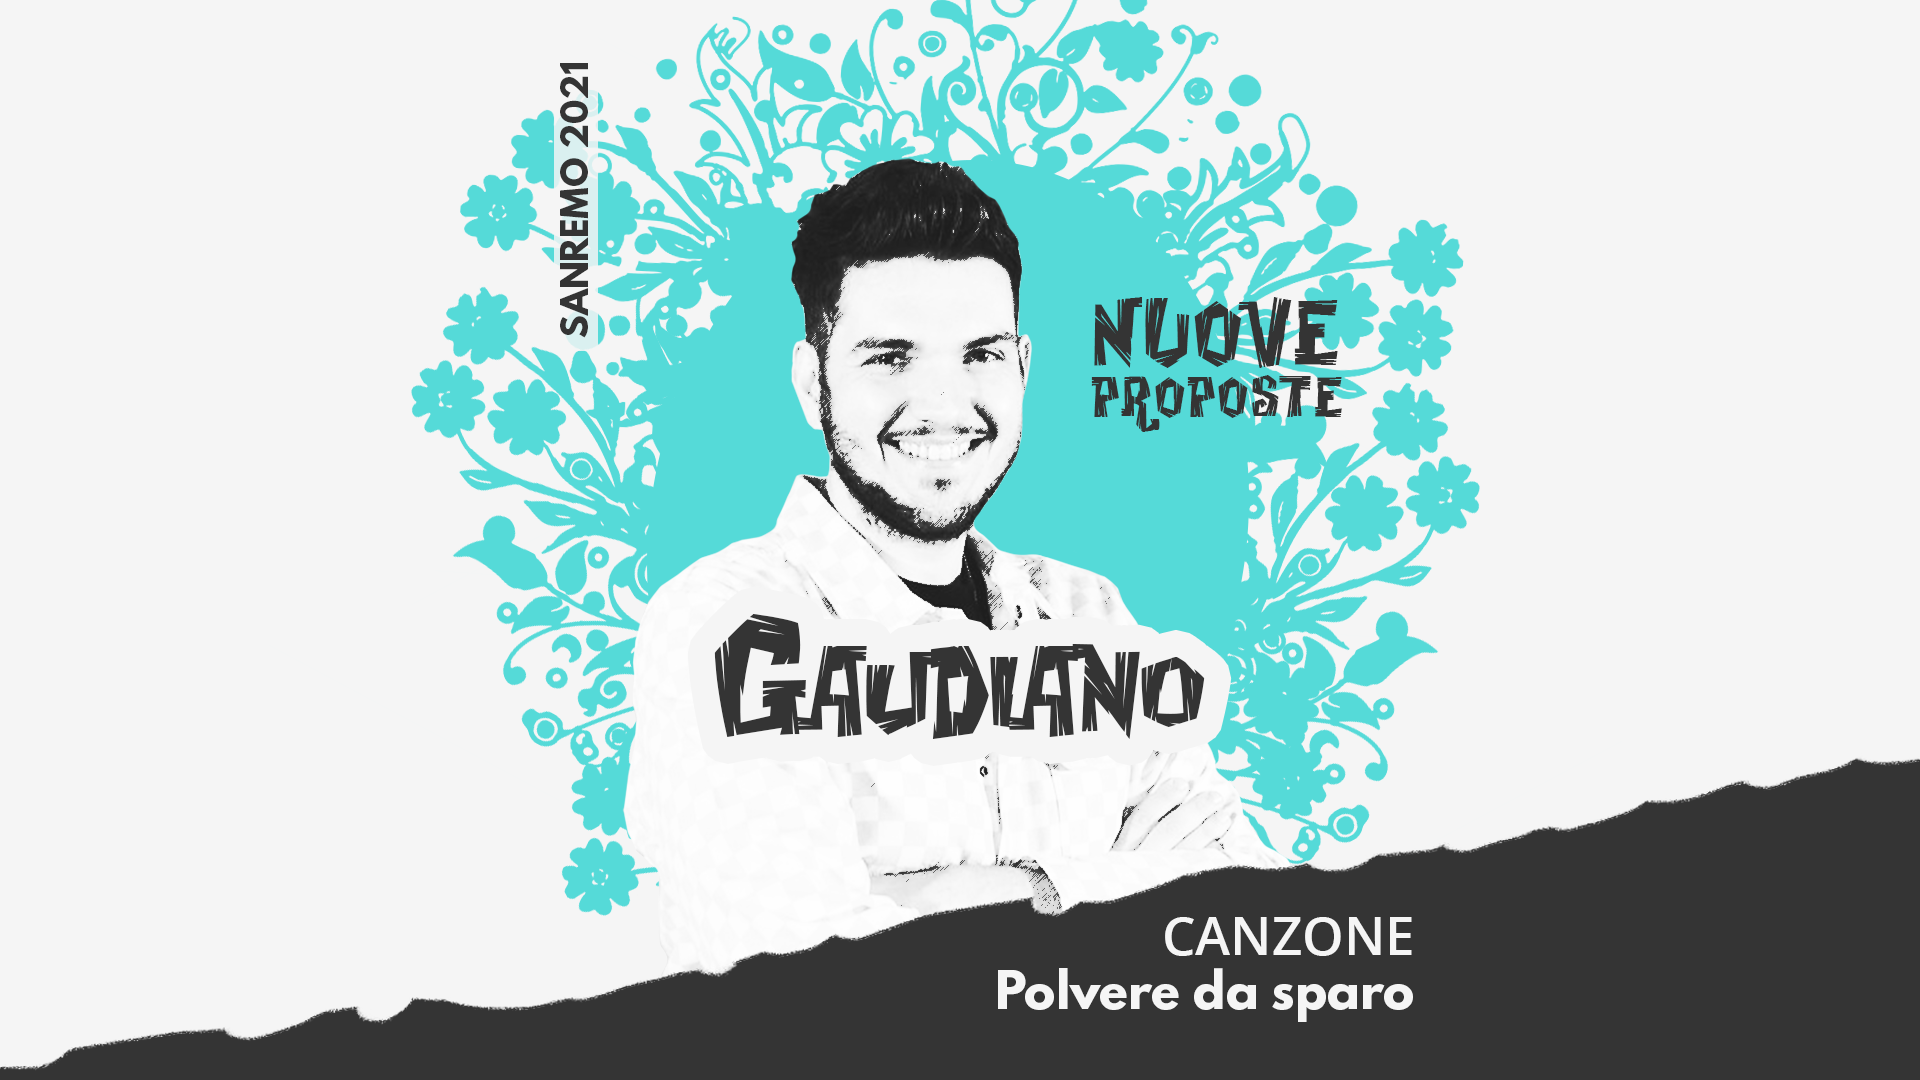 Sanremo 2021, Nuove proposte: Gaudiano – Polvere da sparo